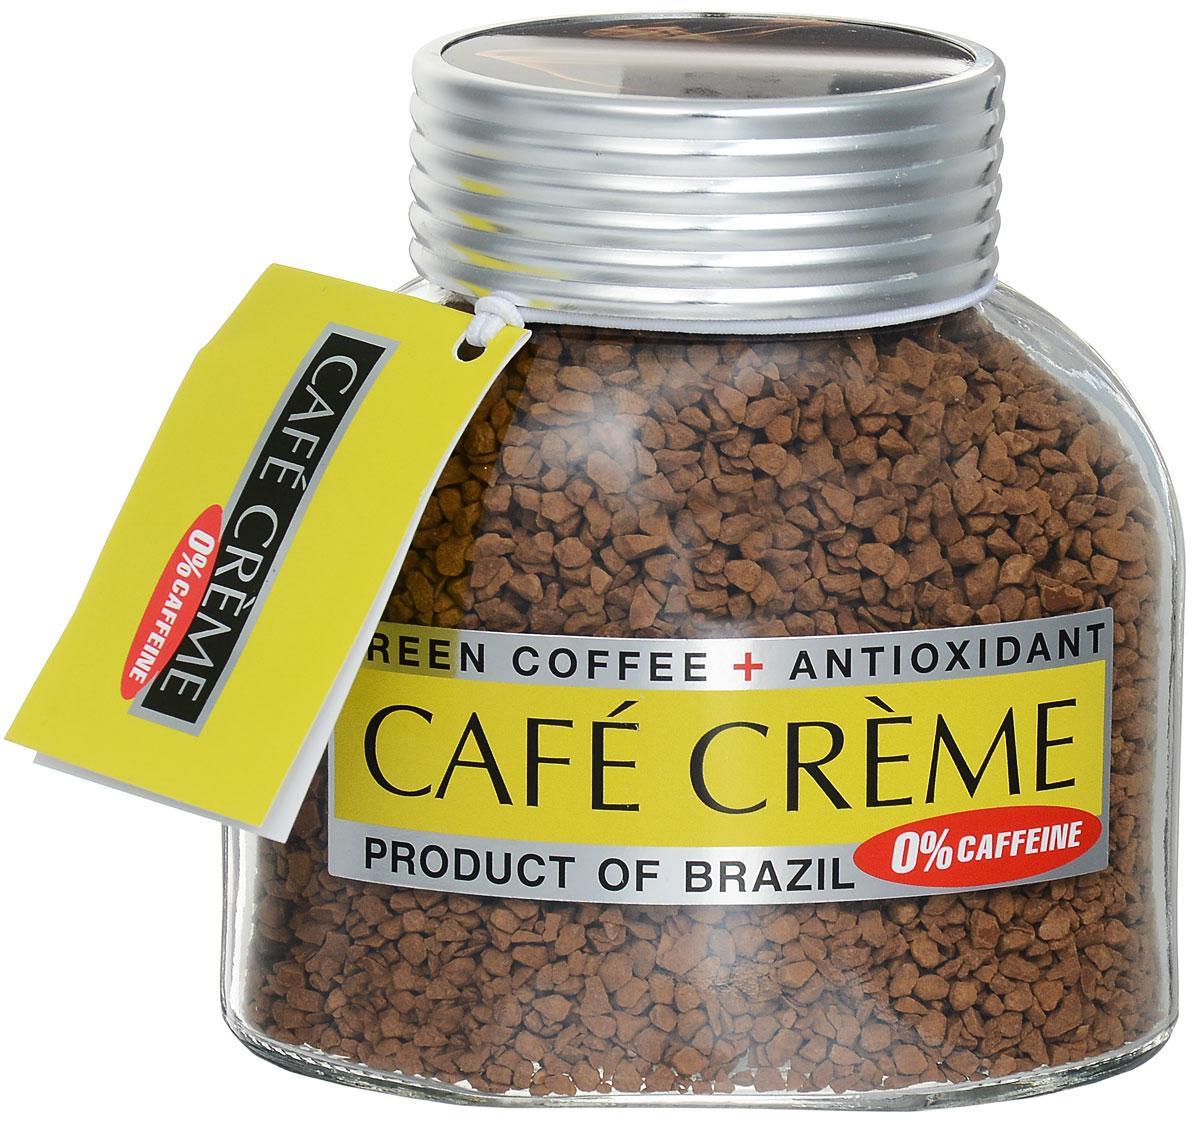 Cafe Creme декофеинизированный растворимый кофе, 100 г0120710Cafe Creme идеален для приготовления Кафе де манья- завтрака по-бразильски, состоящего из одной чашечки очень горячего и очень крепкого кофе. Добавив две чайные ложечки меда и лимонный сок по вкусу, можно приготовить легендарный напиток здоровья и долголетия, укрепляющий иммунитет. Именно его употребляют в течение дня жители Эспирито-Санто, горной местности на юго-востоке Бразилии, где произрастает один из лучших сортов бразильской арабики. Кроме того, этот кофе не содержит кофеина!